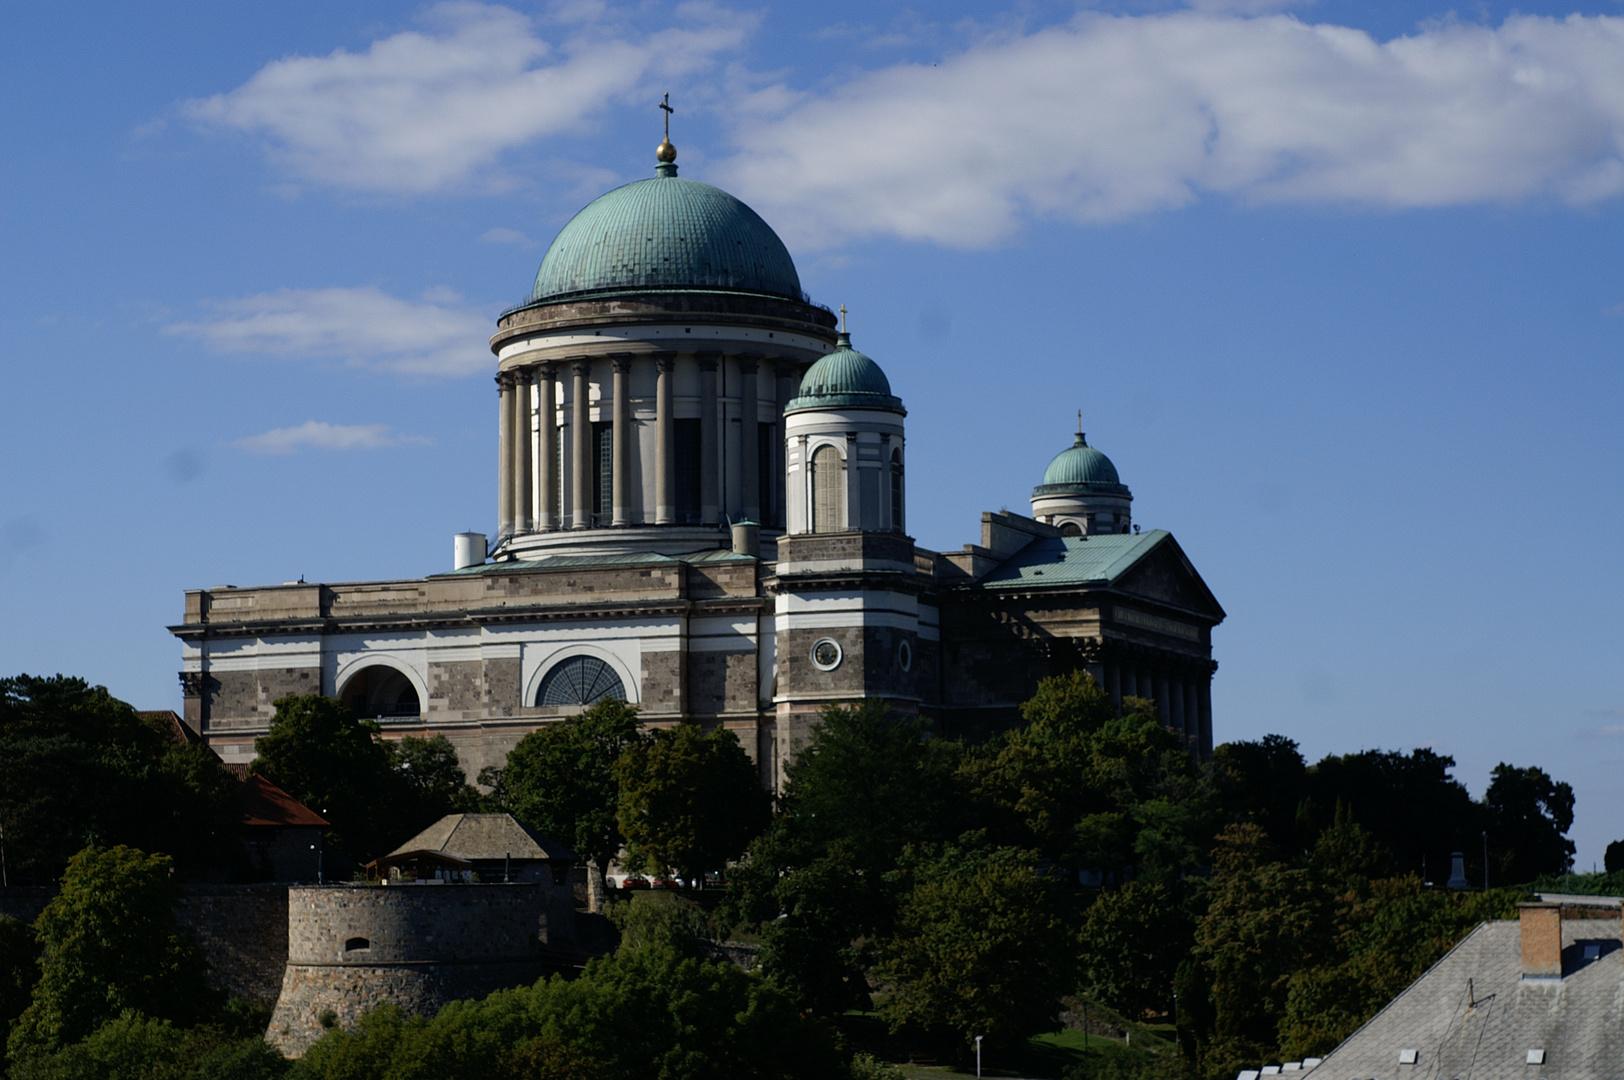 St. Adalbert Basilica